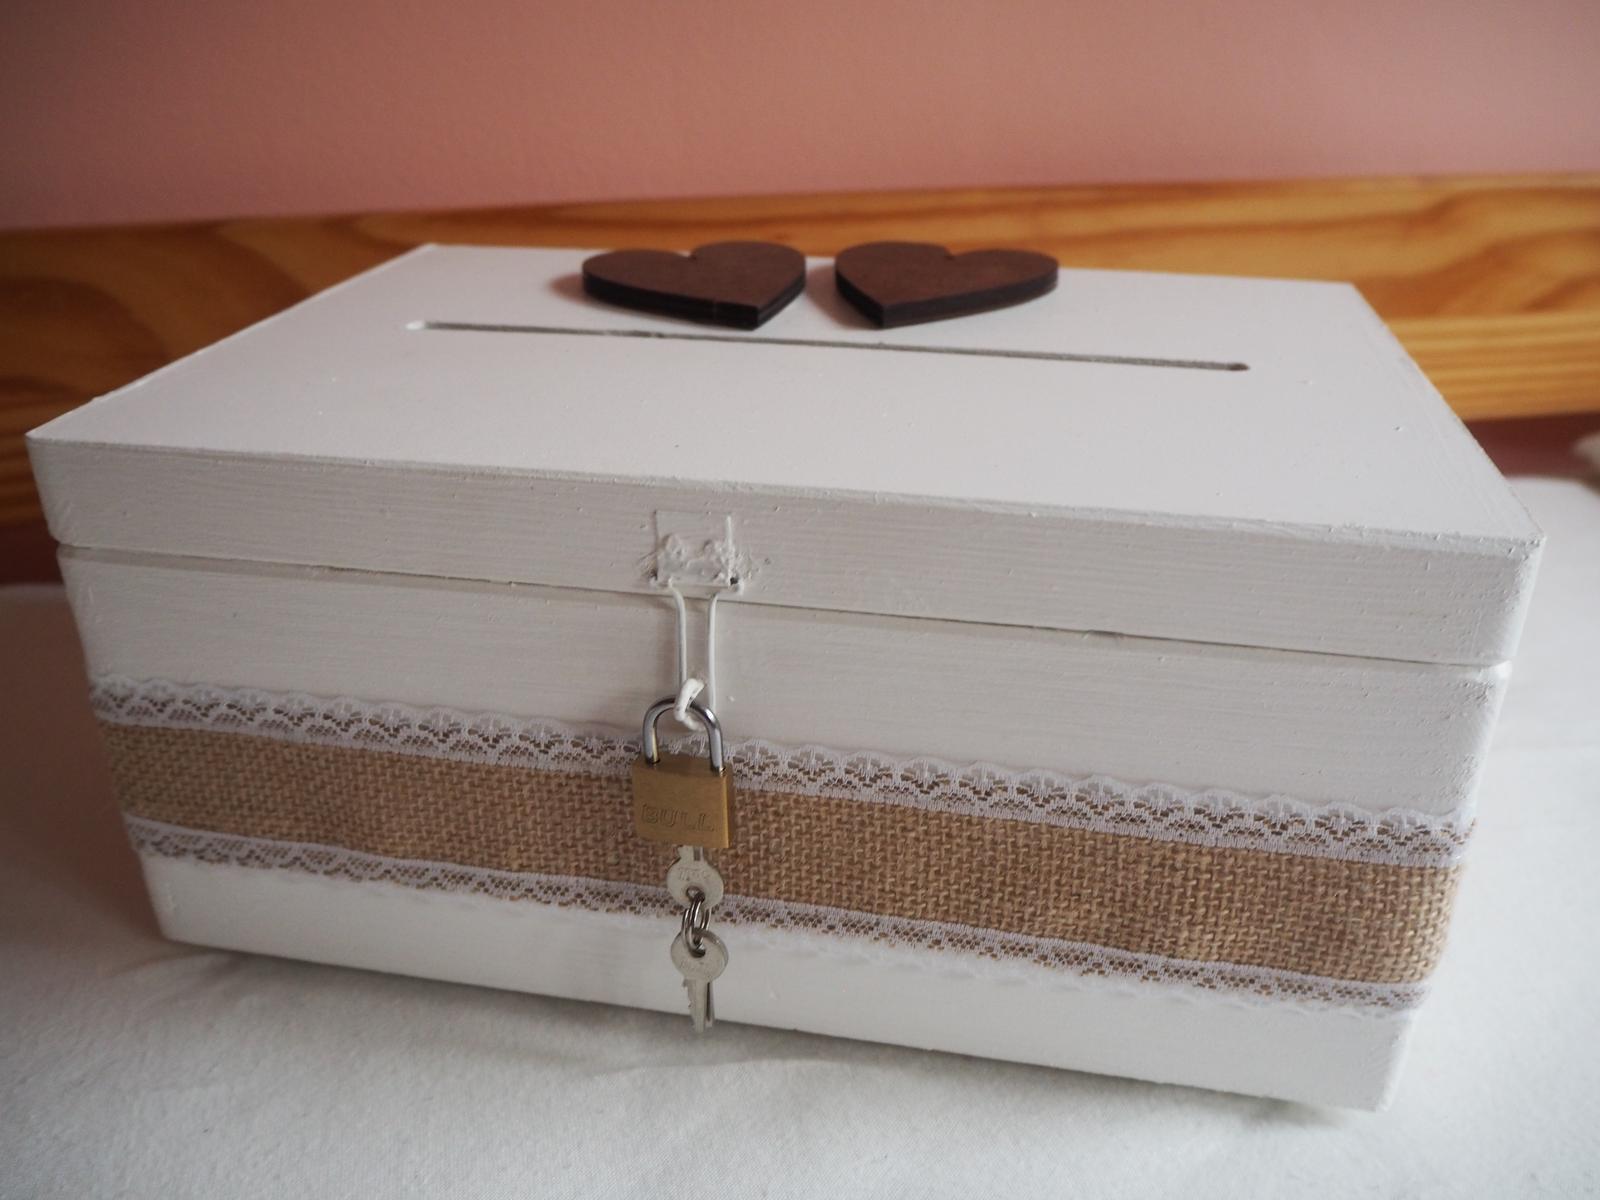 Pokladnička na svatební dary (dřevěná), dozdobená jutou - Obrázek č. 1